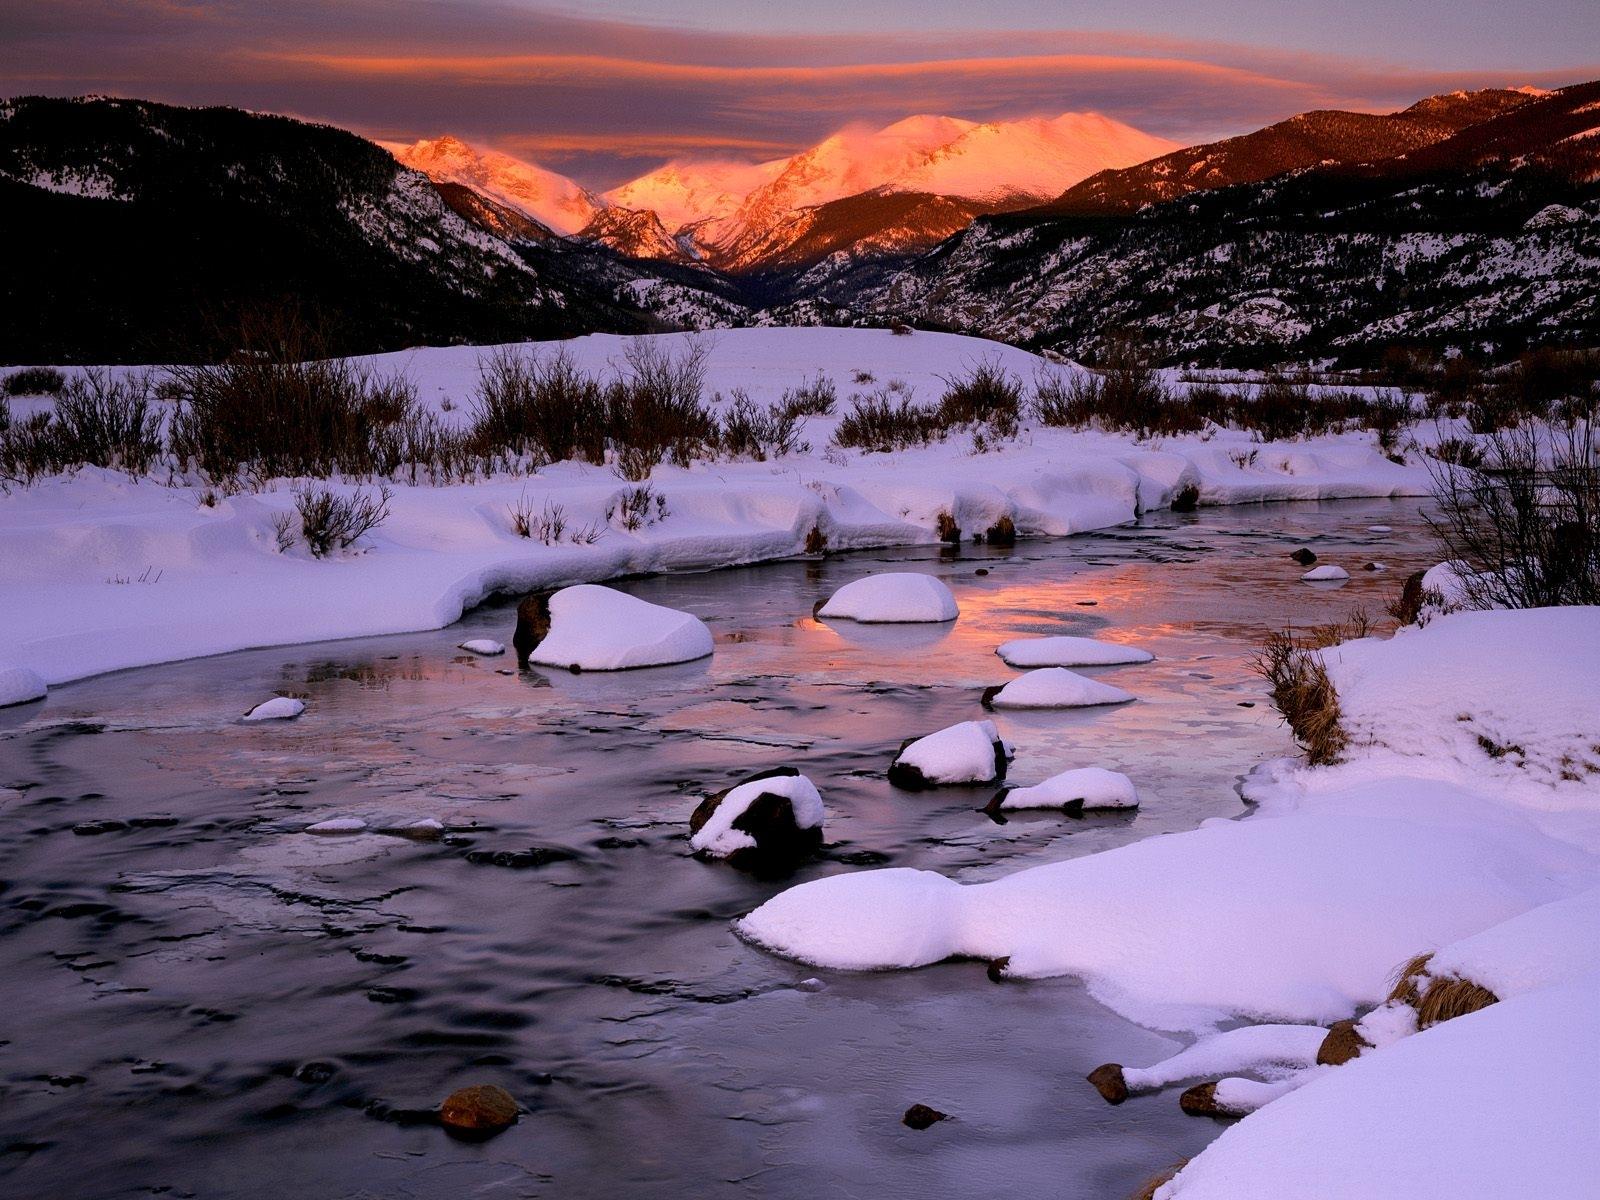 9202 скачать обои Пейзаж, Зима, Река, Горы - заставки и картинки бесплатно